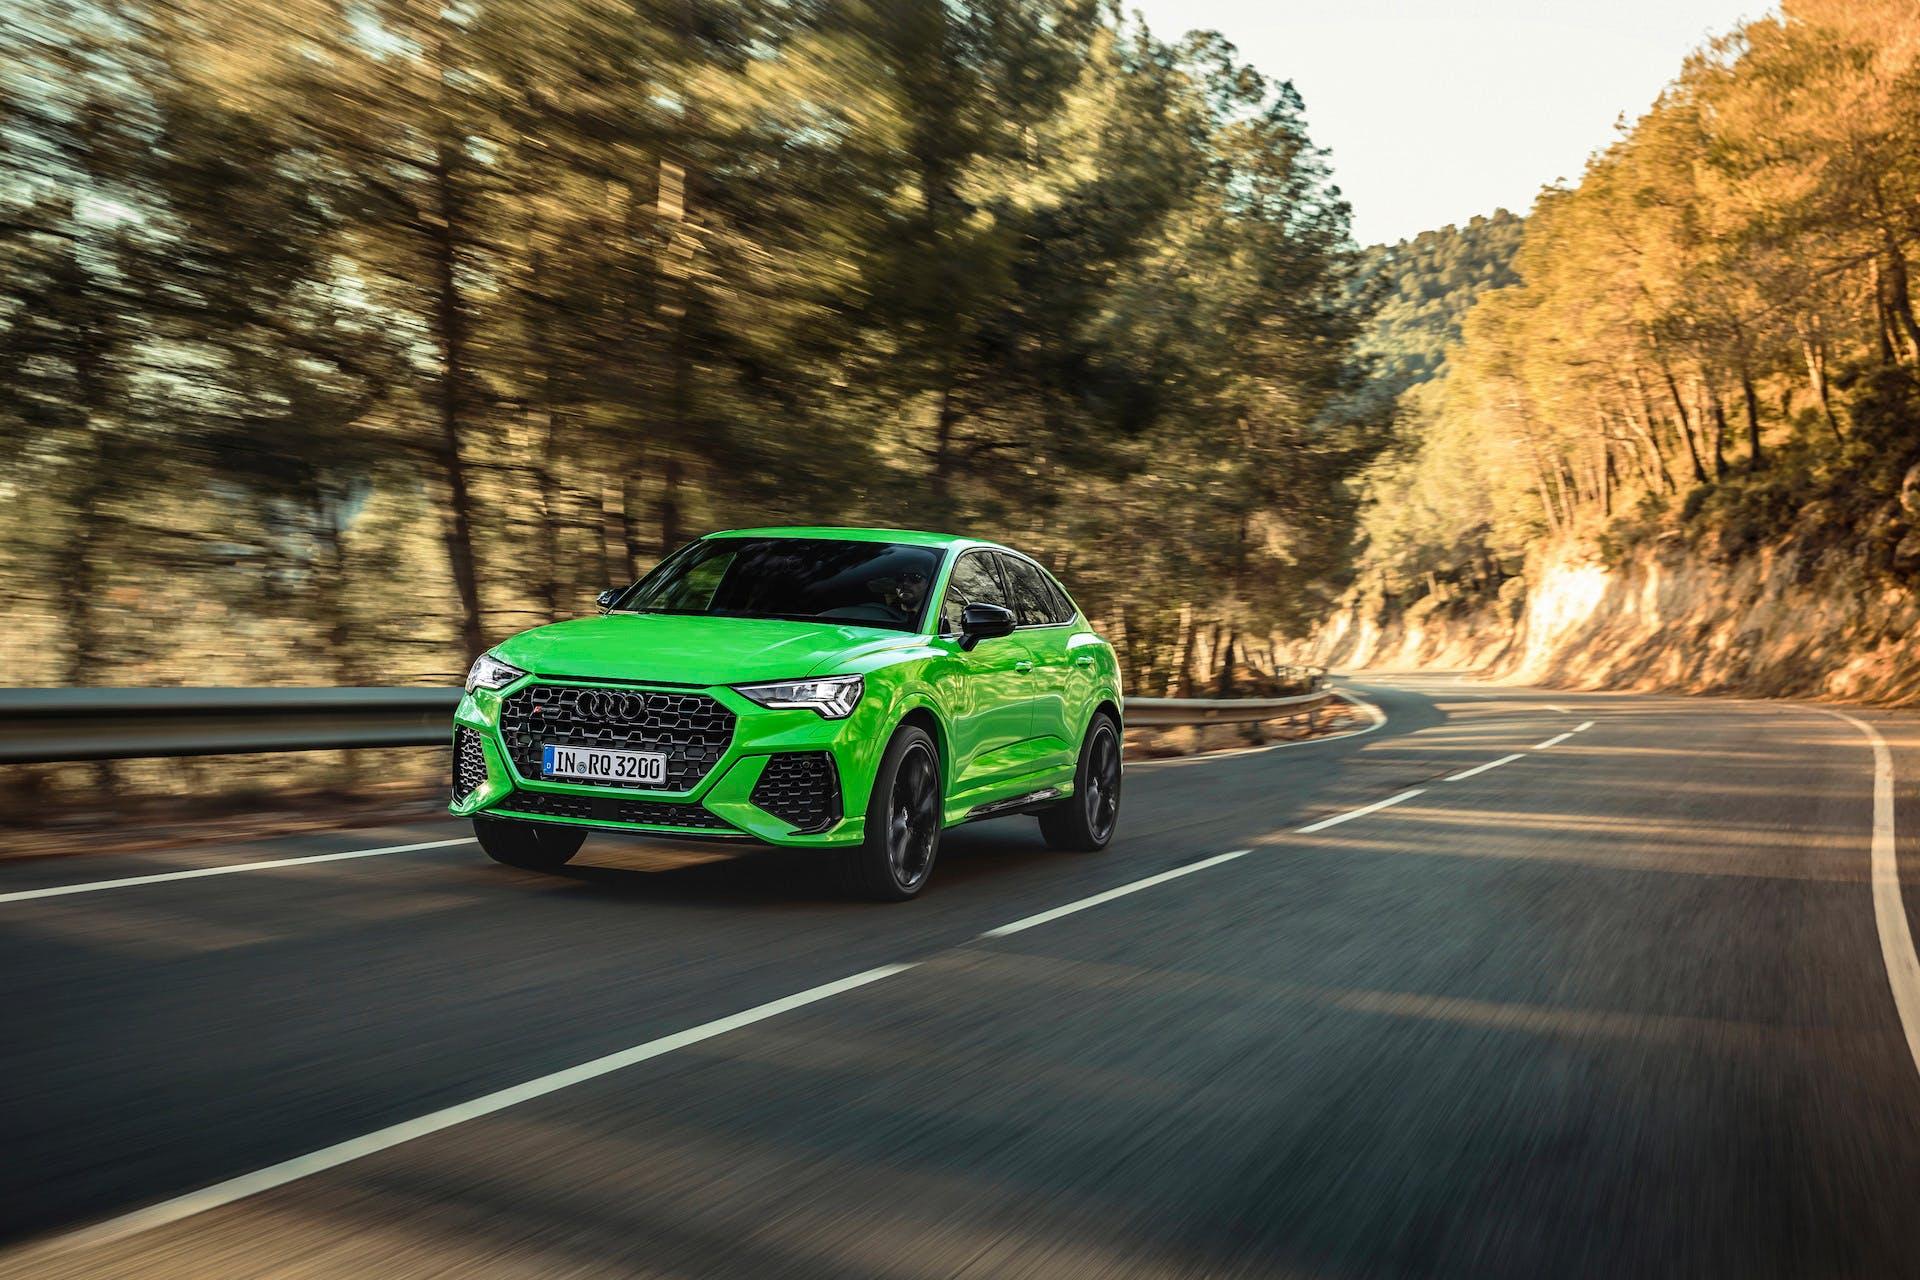 Audi RS Q3 Sportback Kyalami green